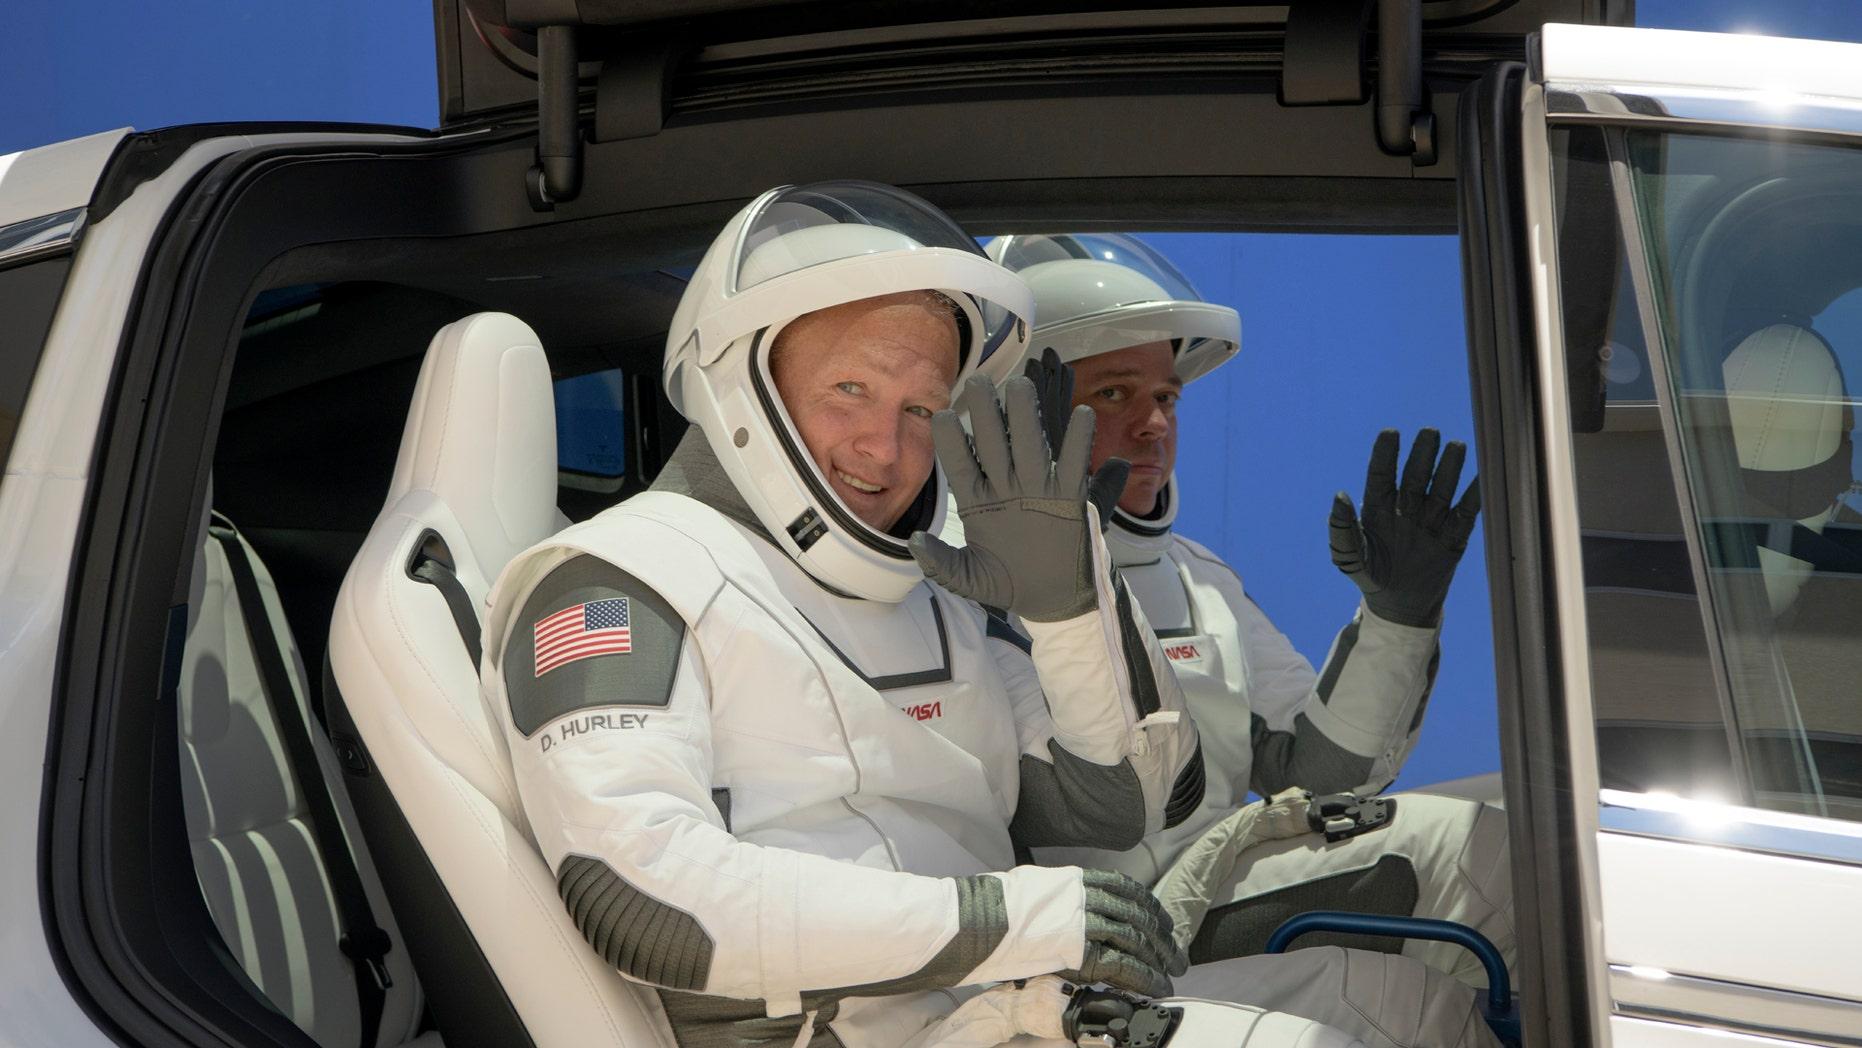 https://a57.foxnews.com/static.foxnews.com/foxnews.com/content/uploads/2020/05/1862/1048/SpaceXNASALaunch2.jpg